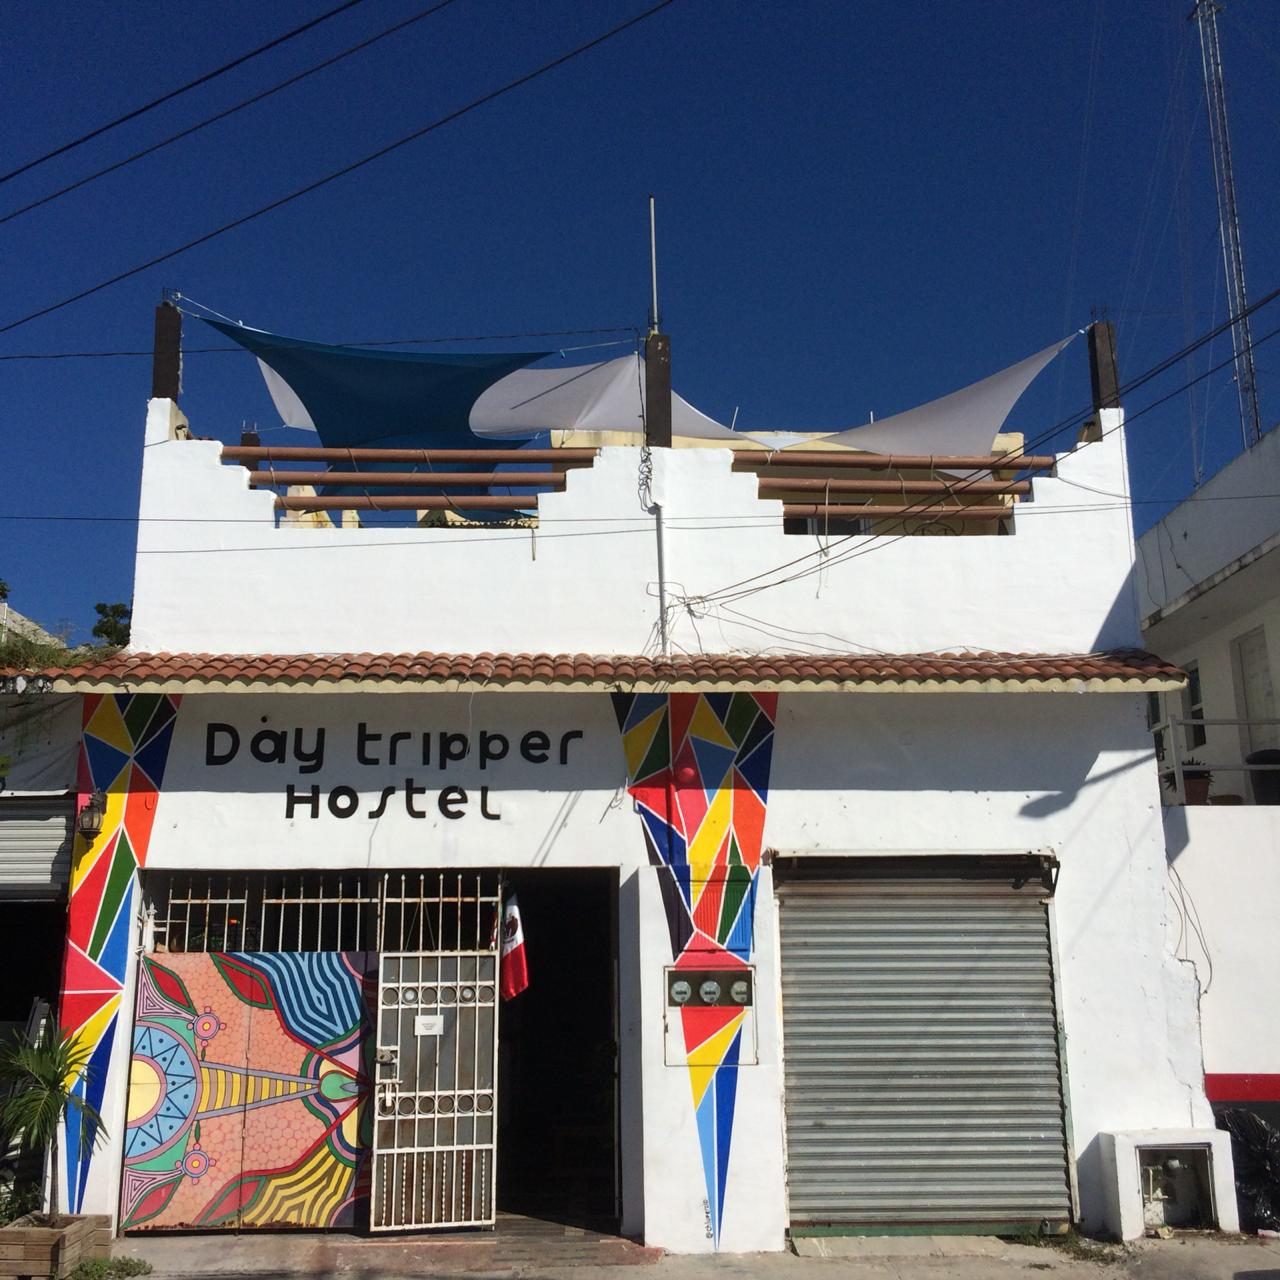 DayTripper Hostel